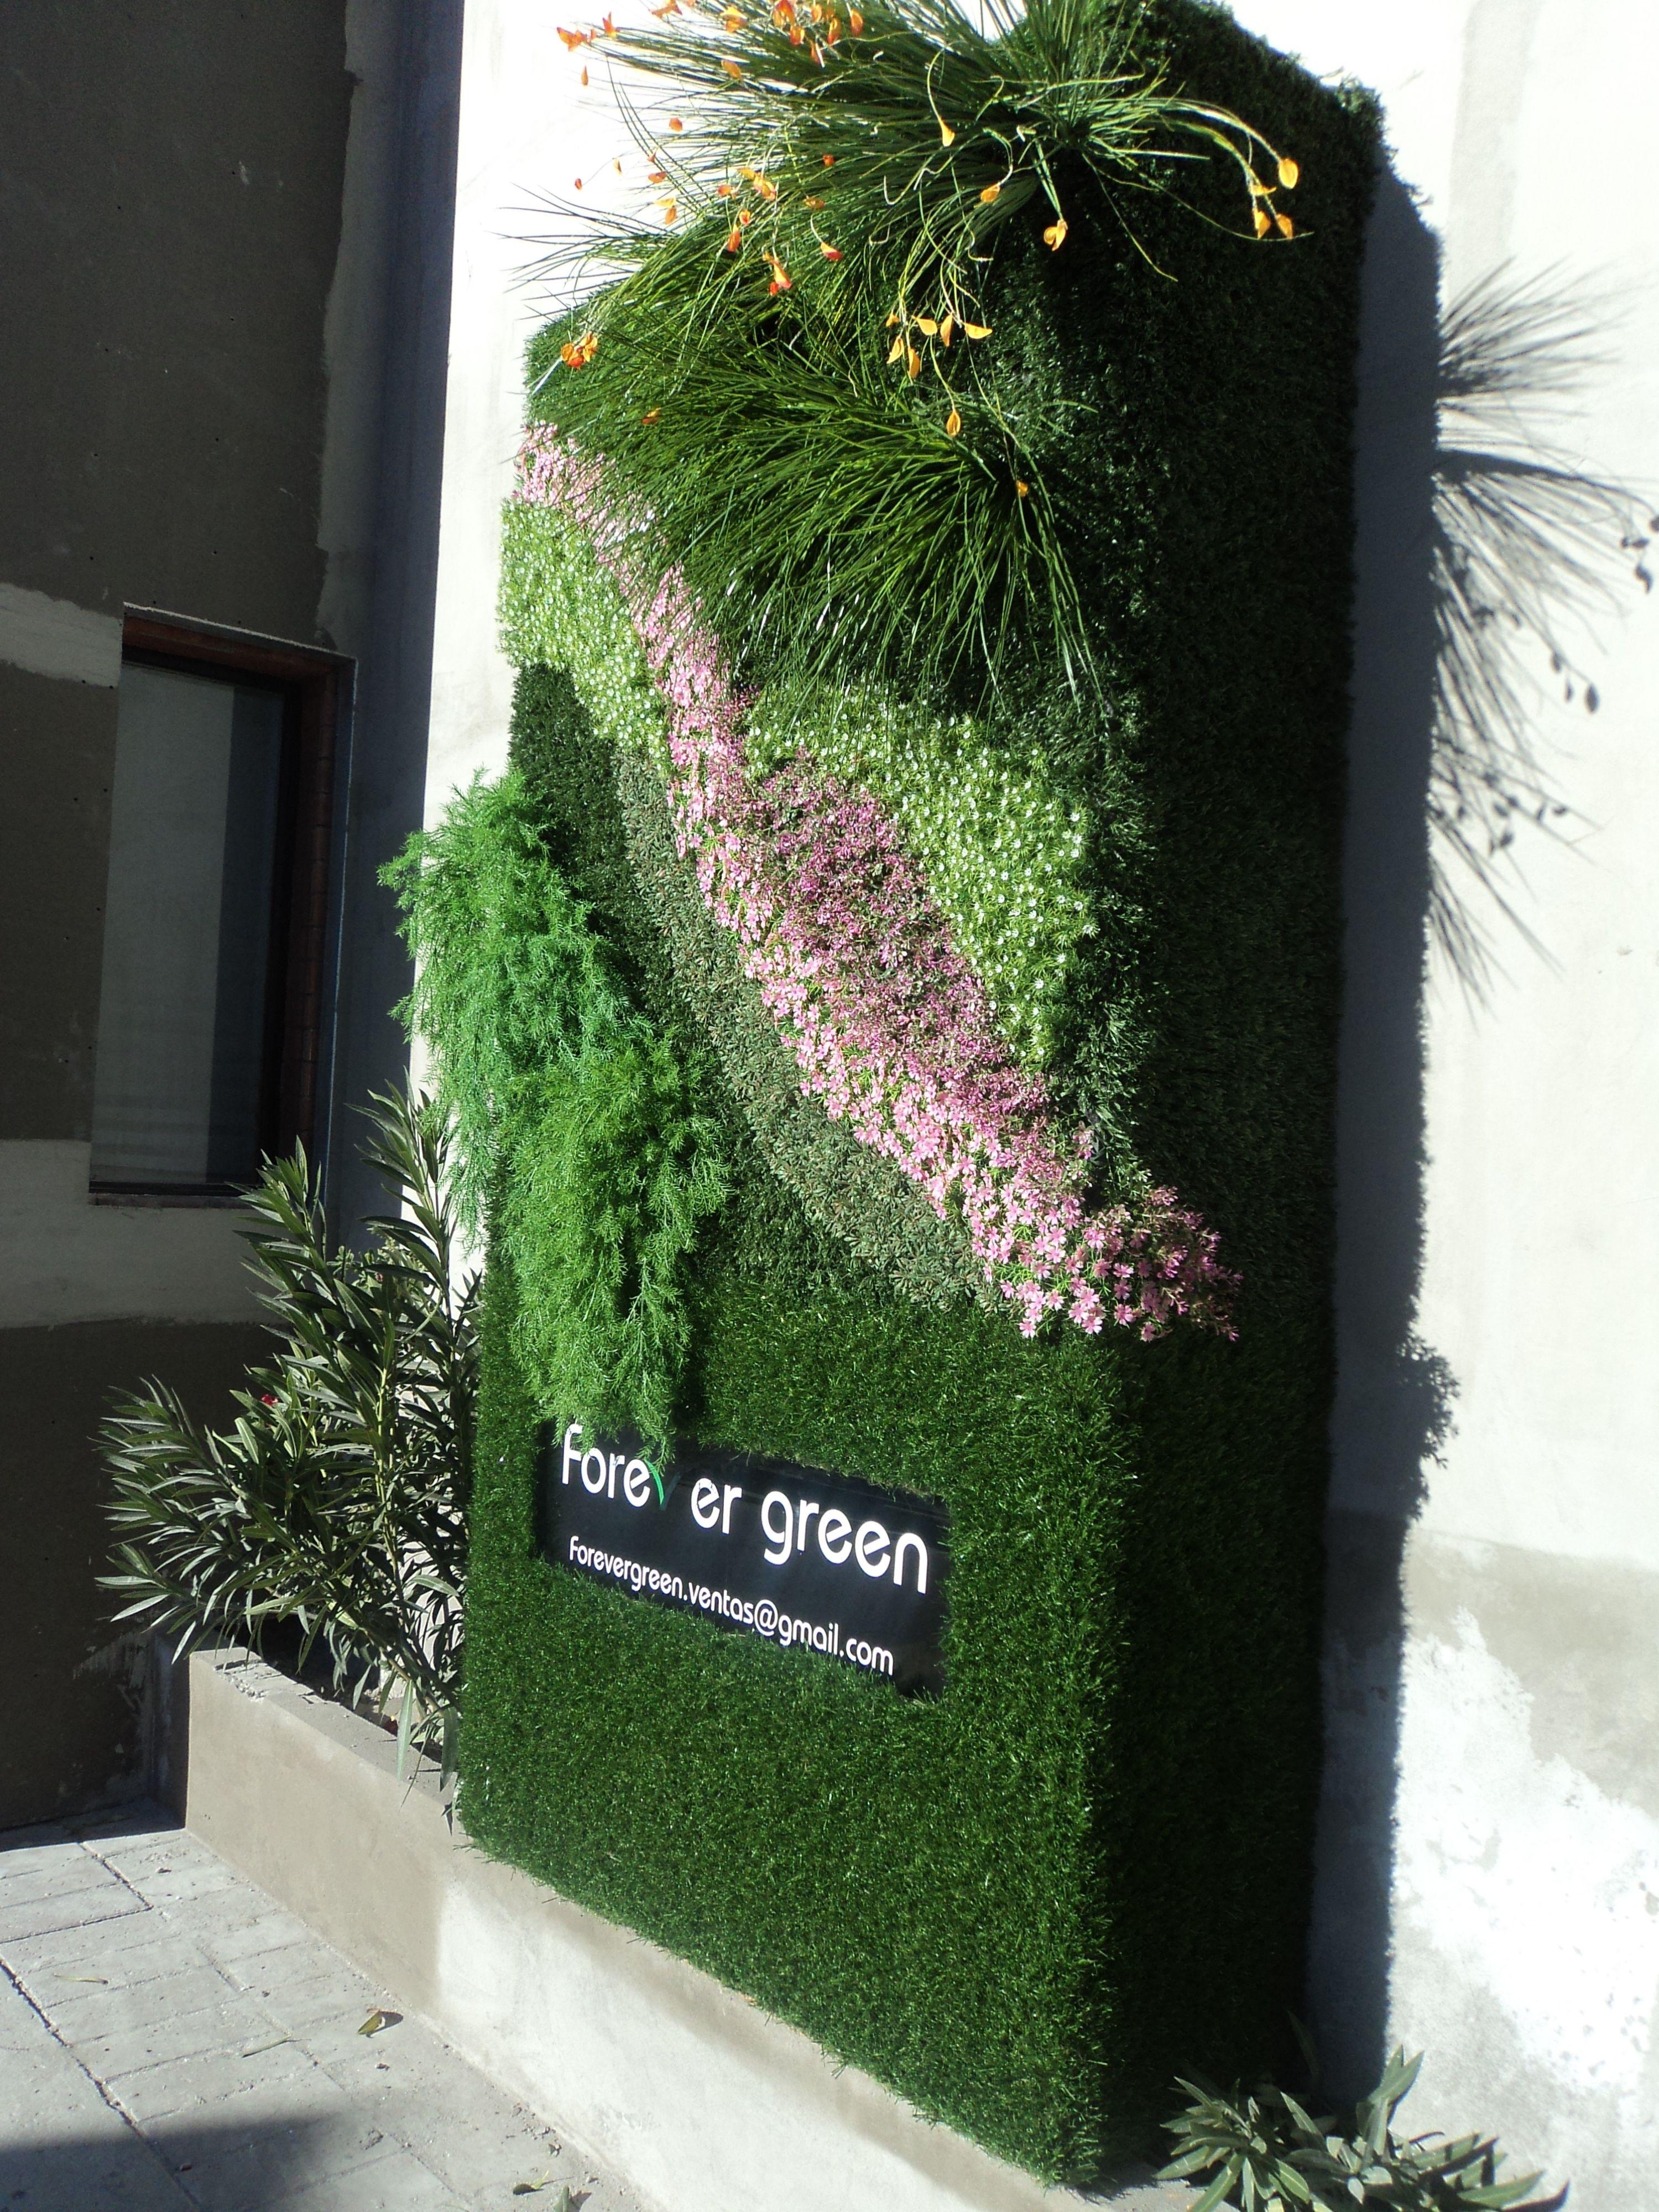 Primera Muestra De Muro Verde Sintetico En Cd Juarez